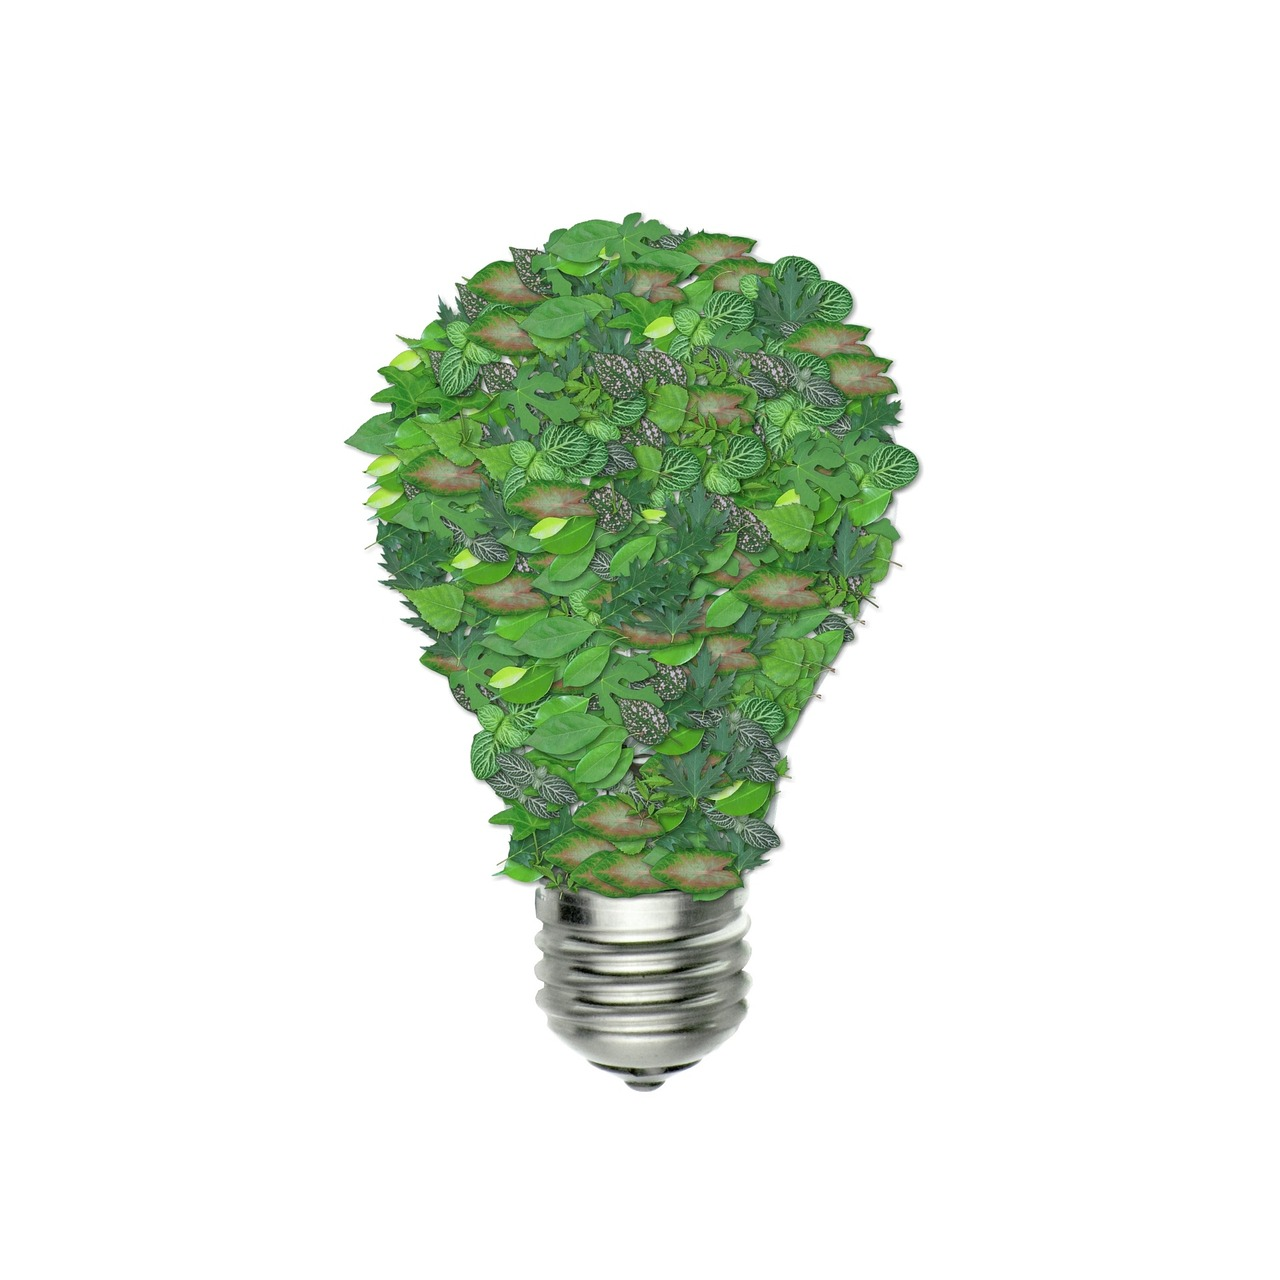 aumentar la eficiencia energética